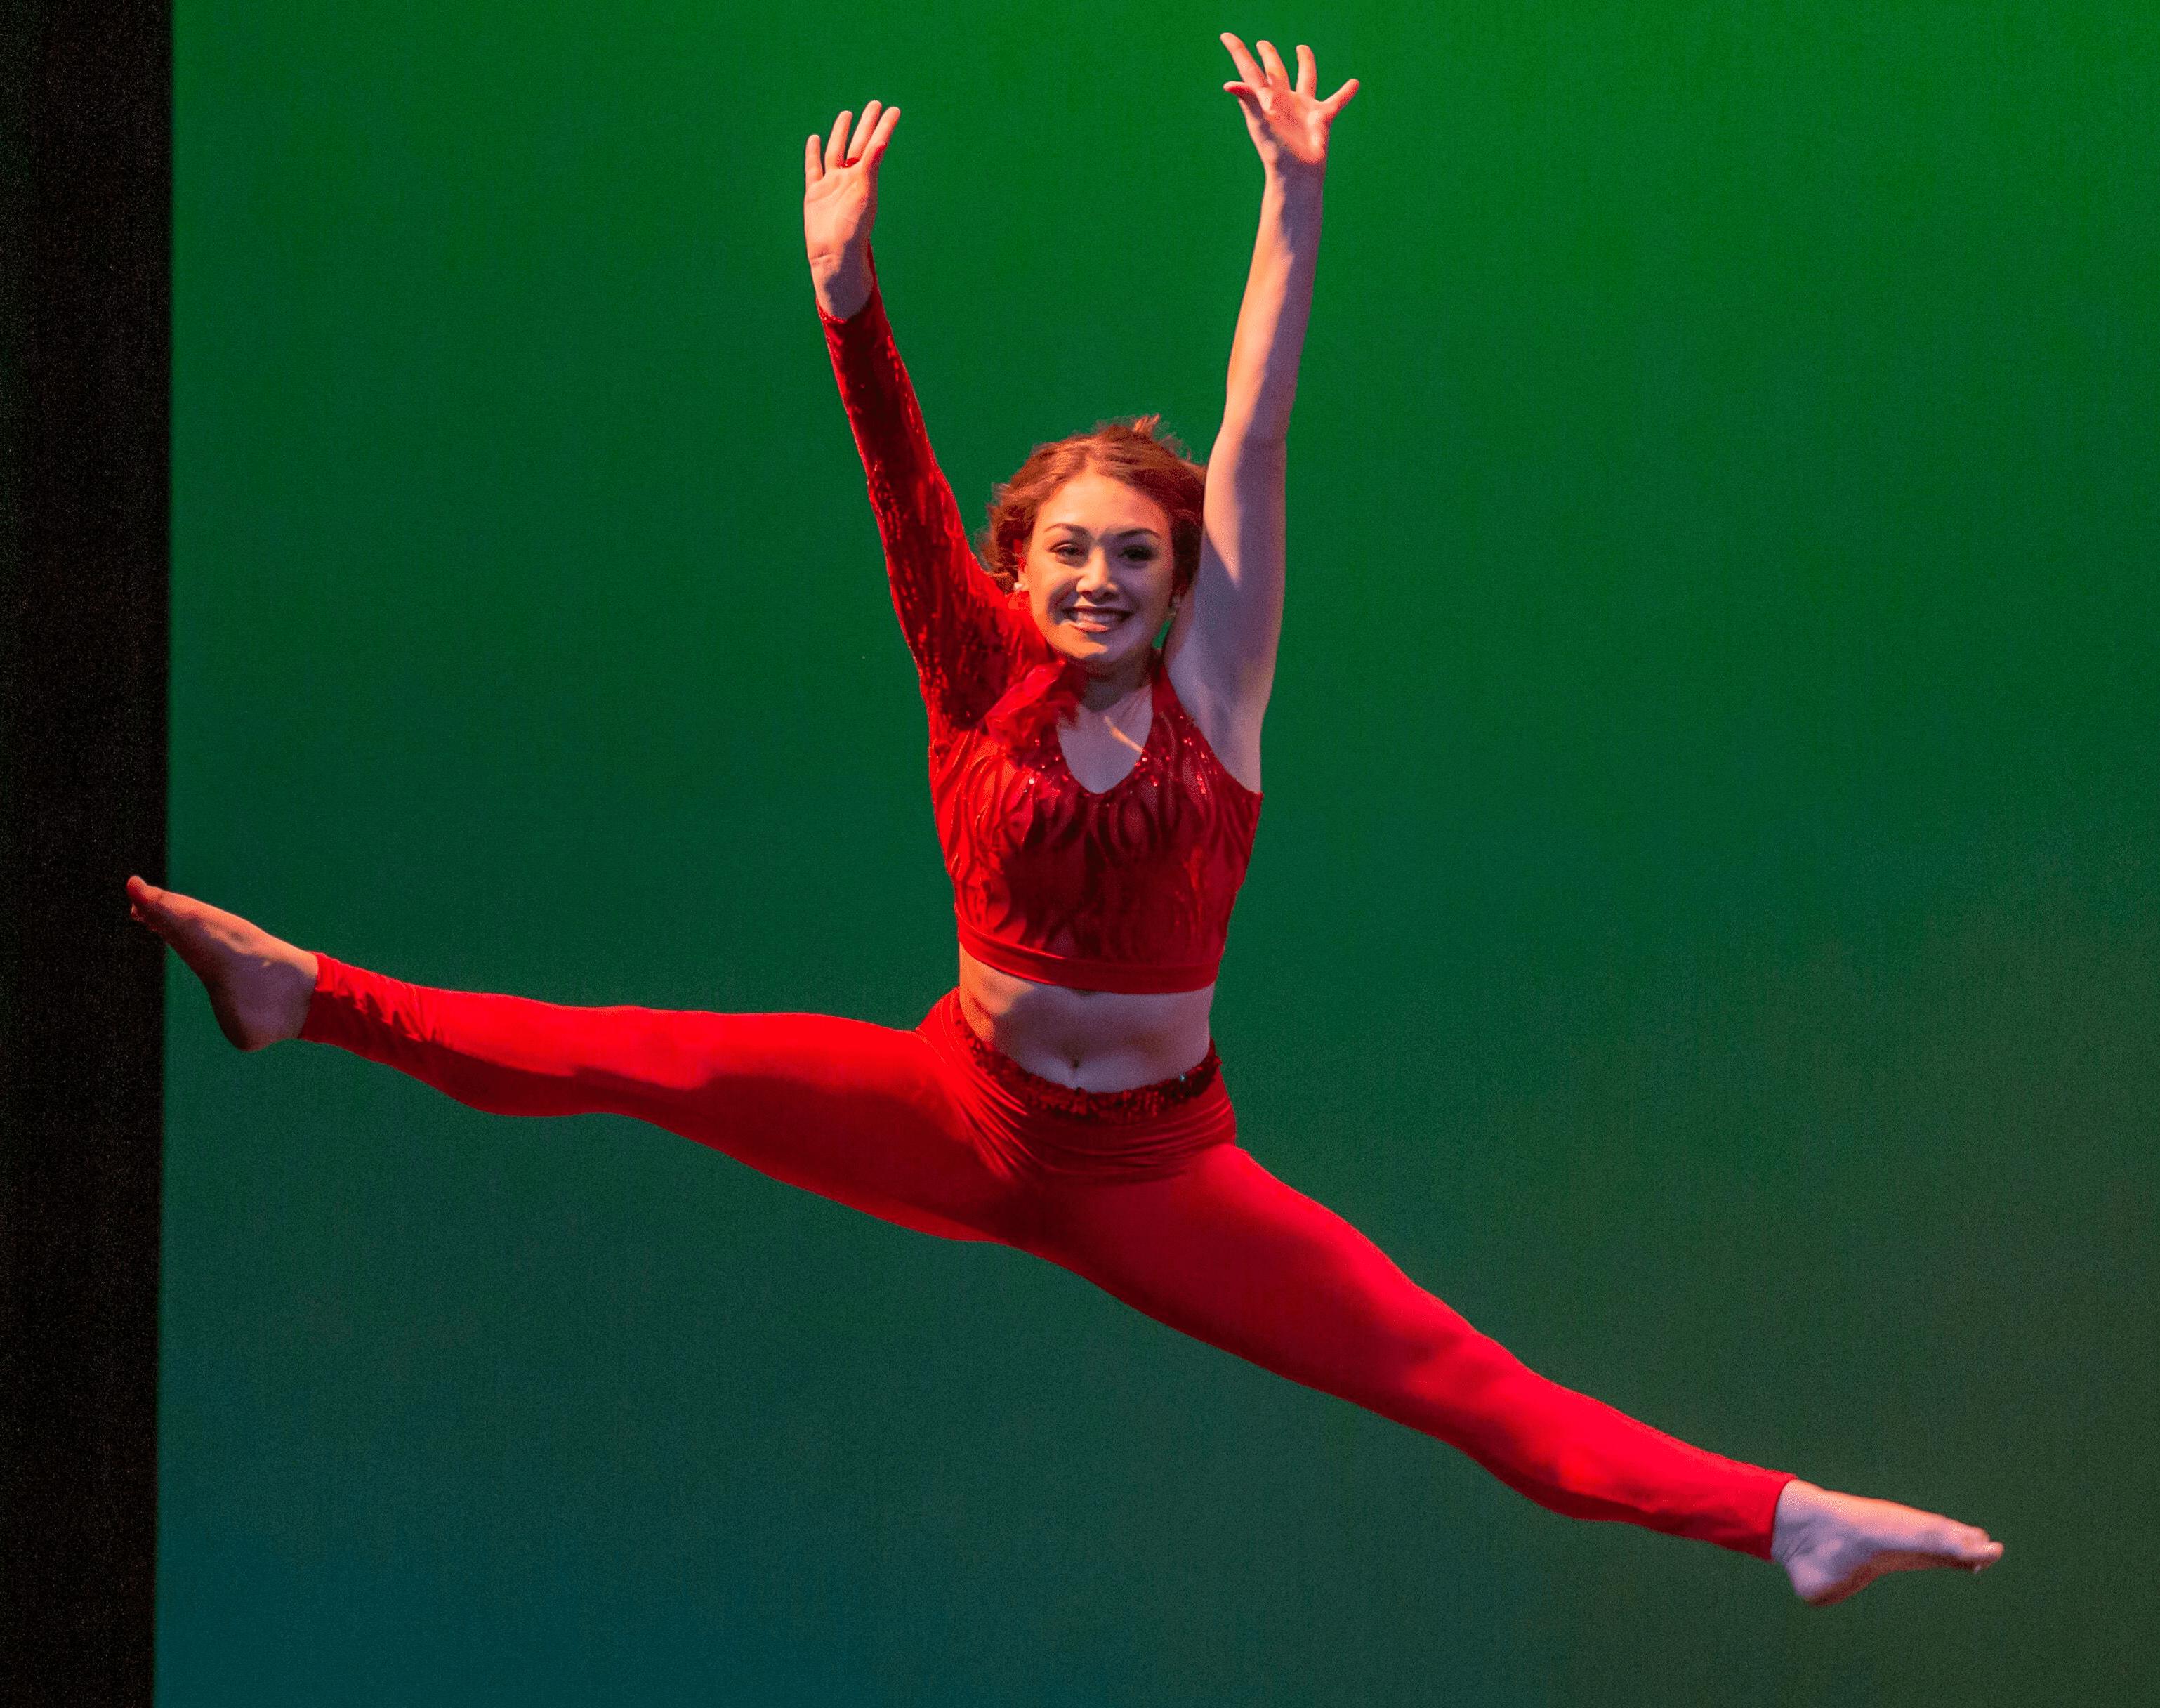 Danielle leap